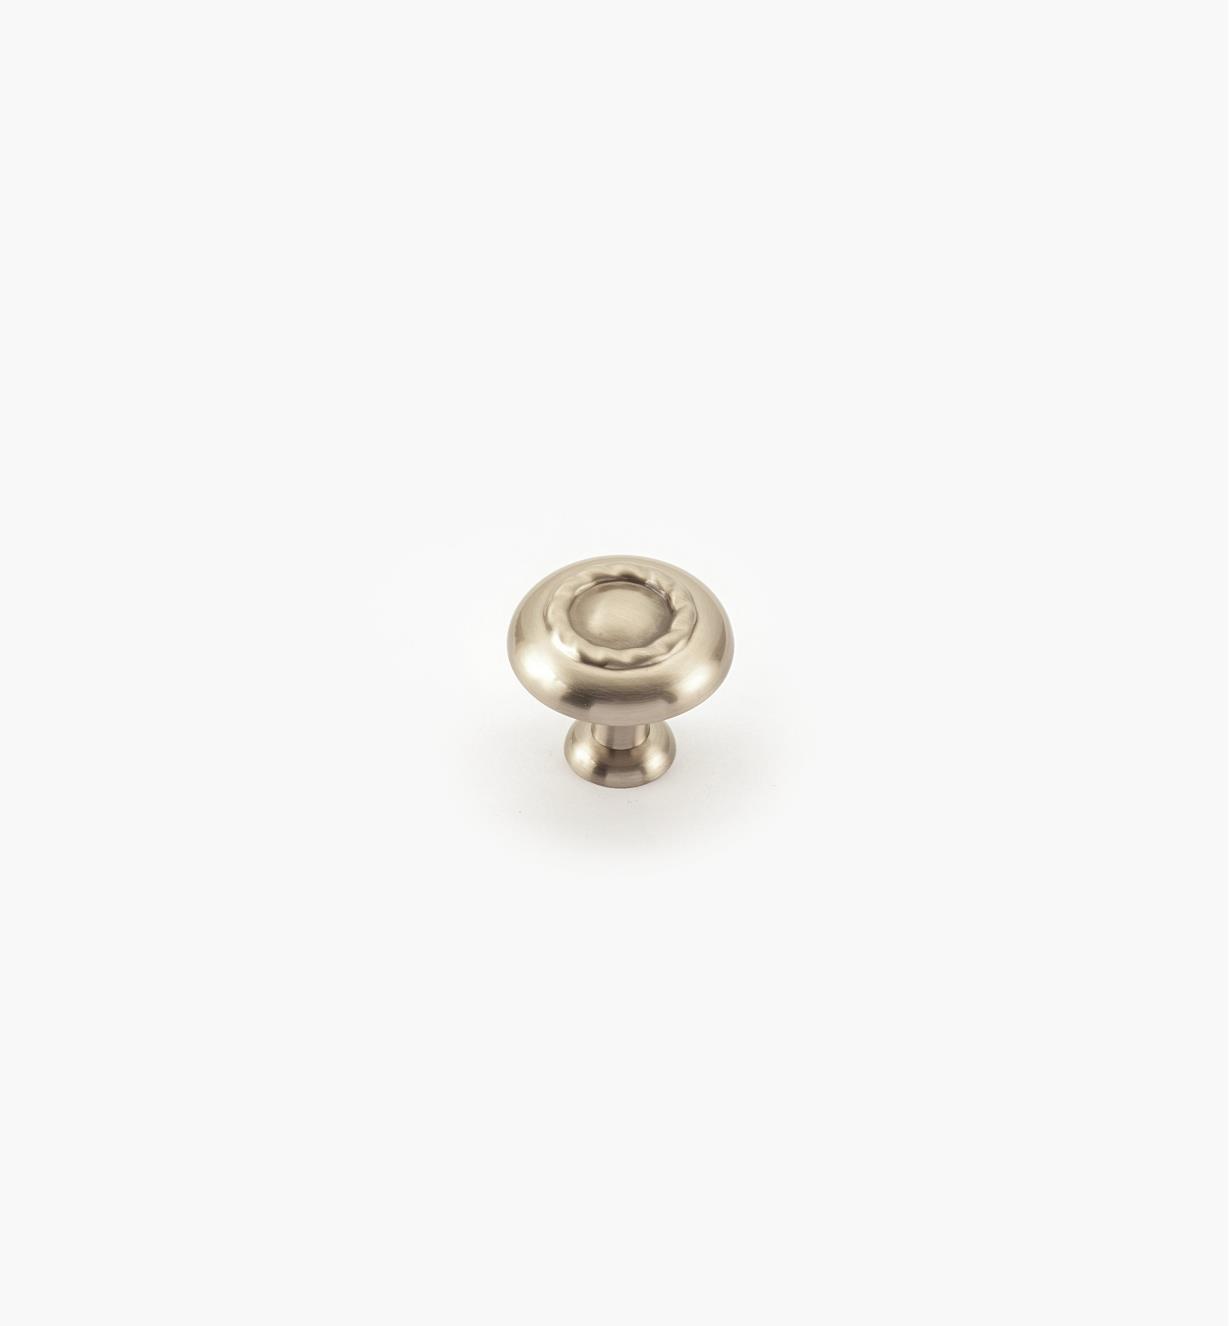 02A0824 - Bouton à motif cordé de 11/4po, série Inspirations, fini chrome satiné